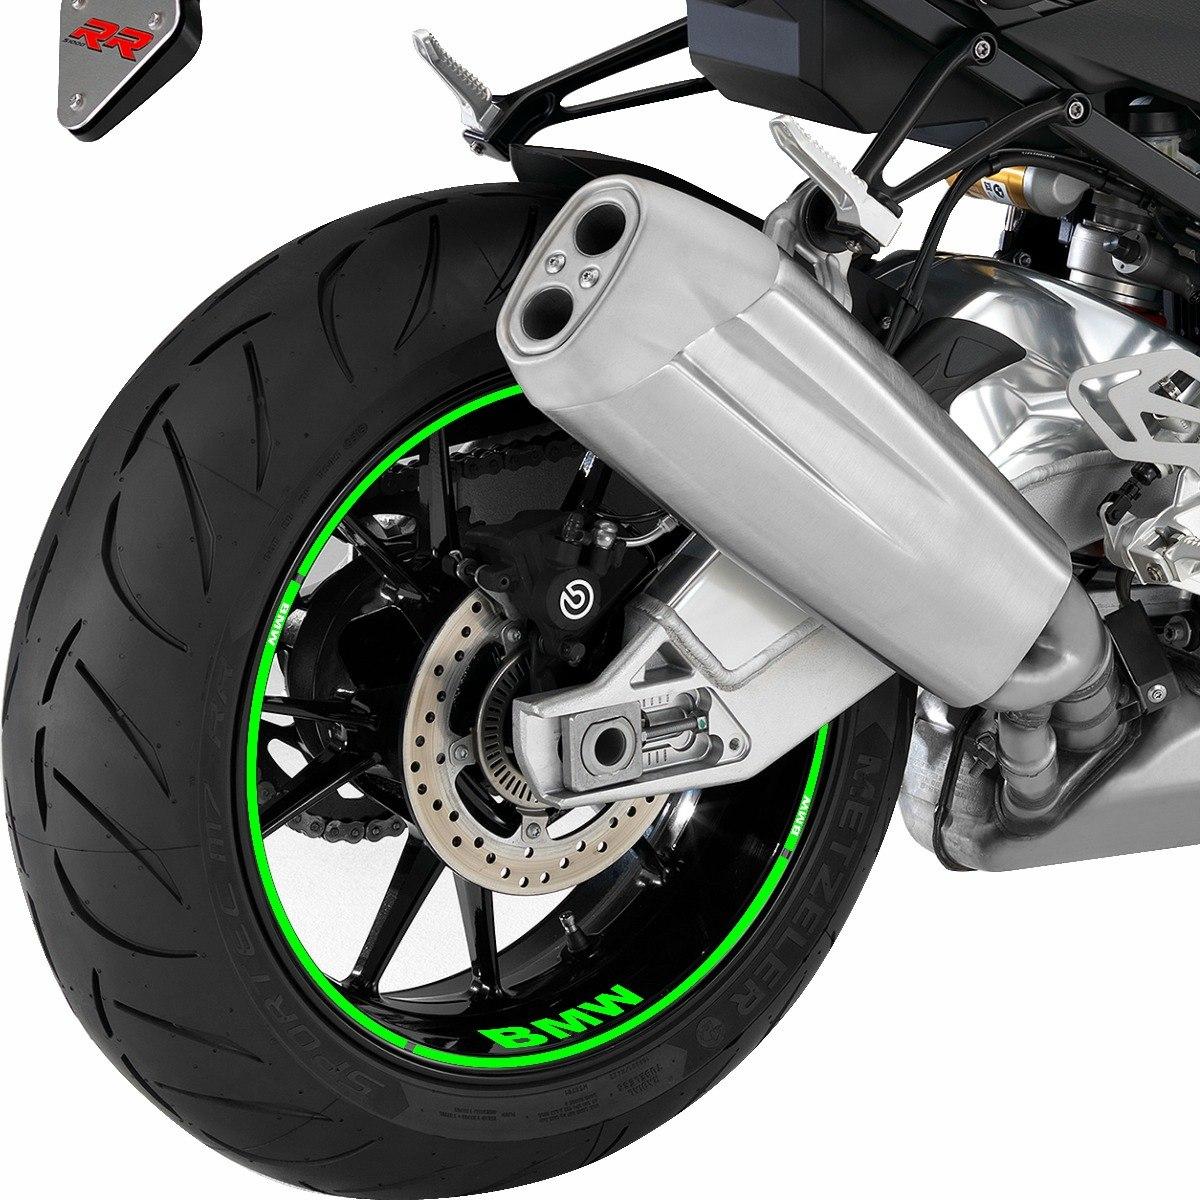 Adesivo De Roda Moto ~ Adesivo Friso Refletivo Para Roda Moto Bmw K 1600 Gt Verde R$ 72,90 em Mercado Livre